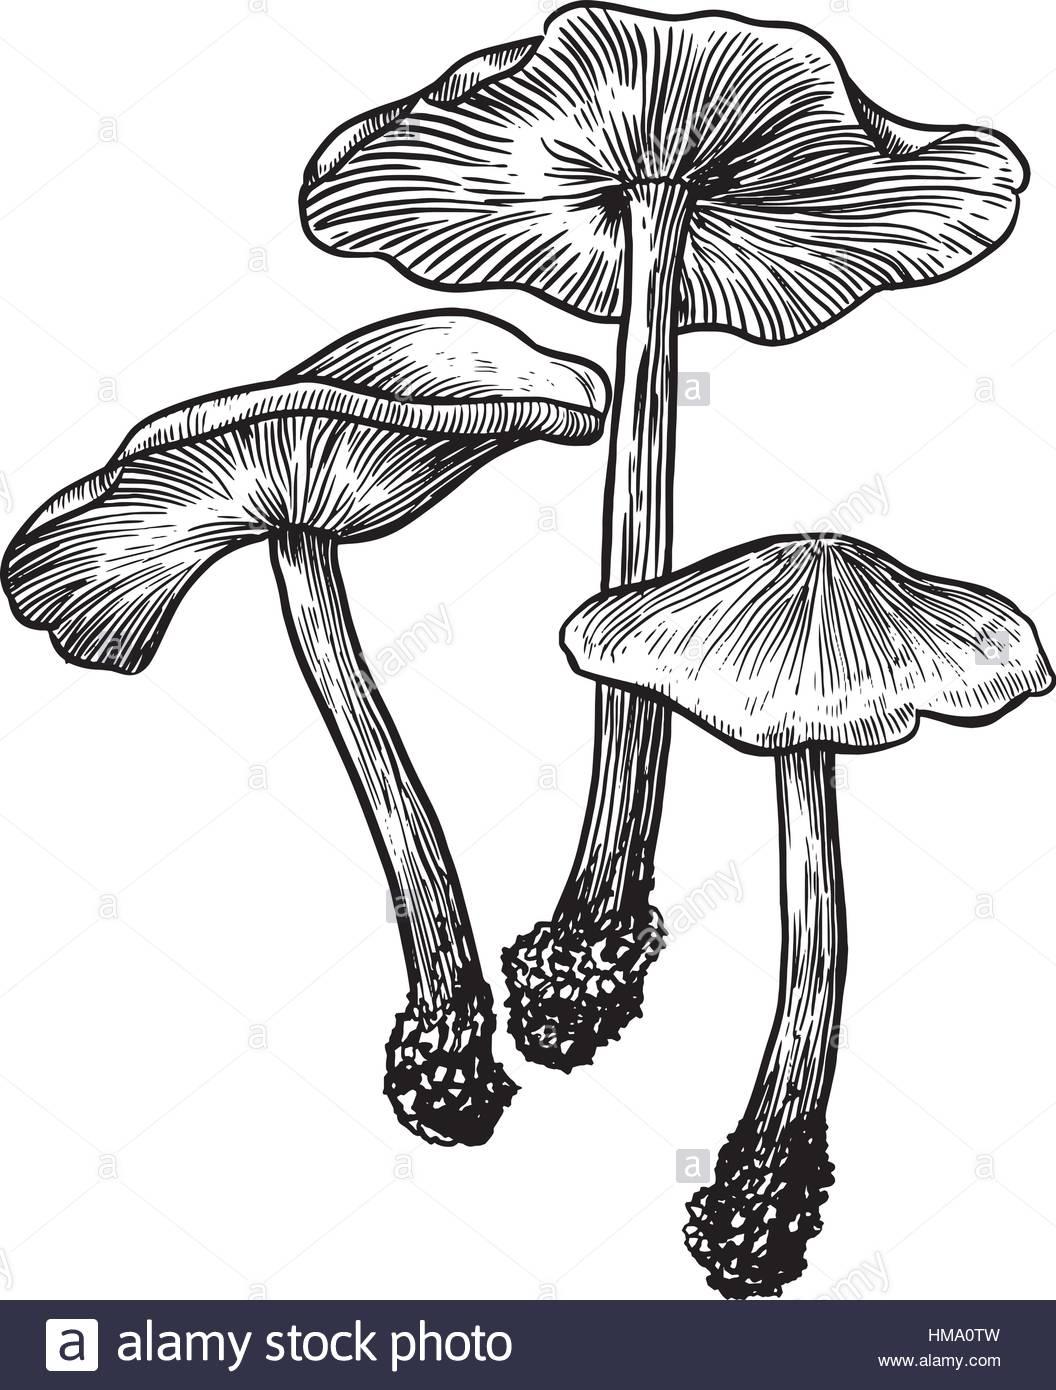 1056x1390 Mushroom Illustration Drawing, Engraving, Line Art Stock Vector